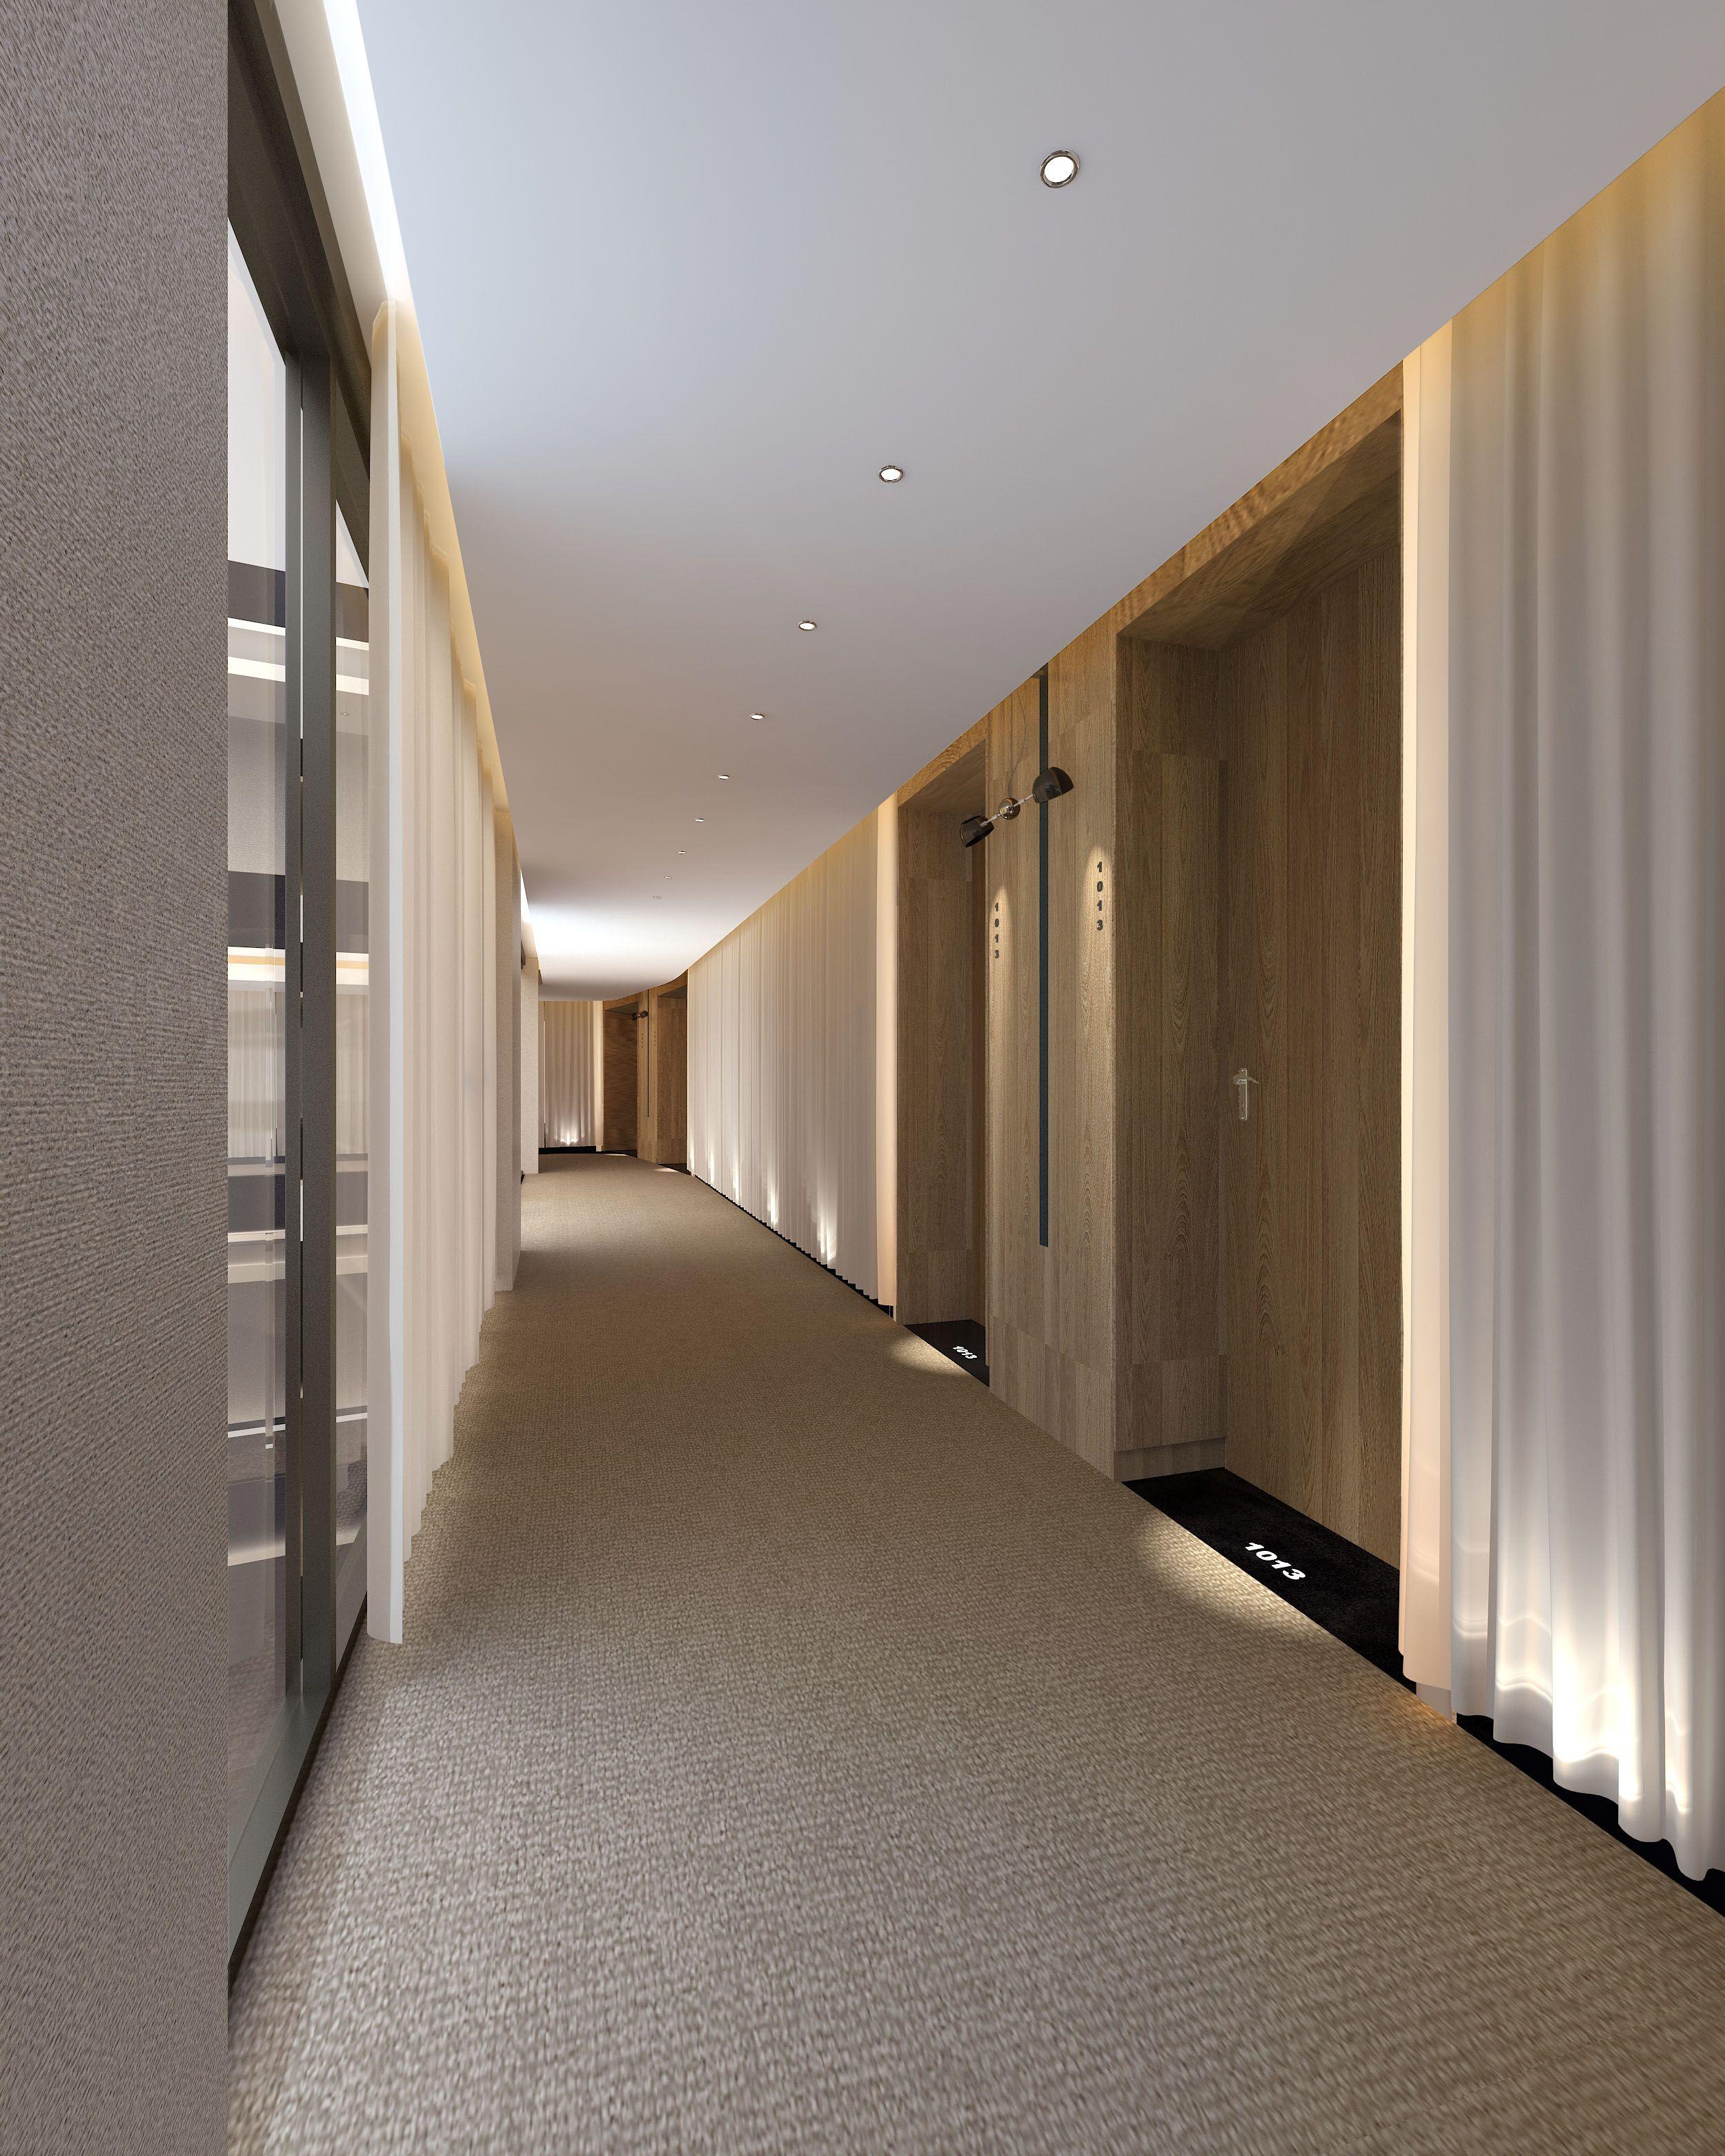 Hele spoon klaasseinad tekstiil ja kipsiga elegantselt for Office hallway design